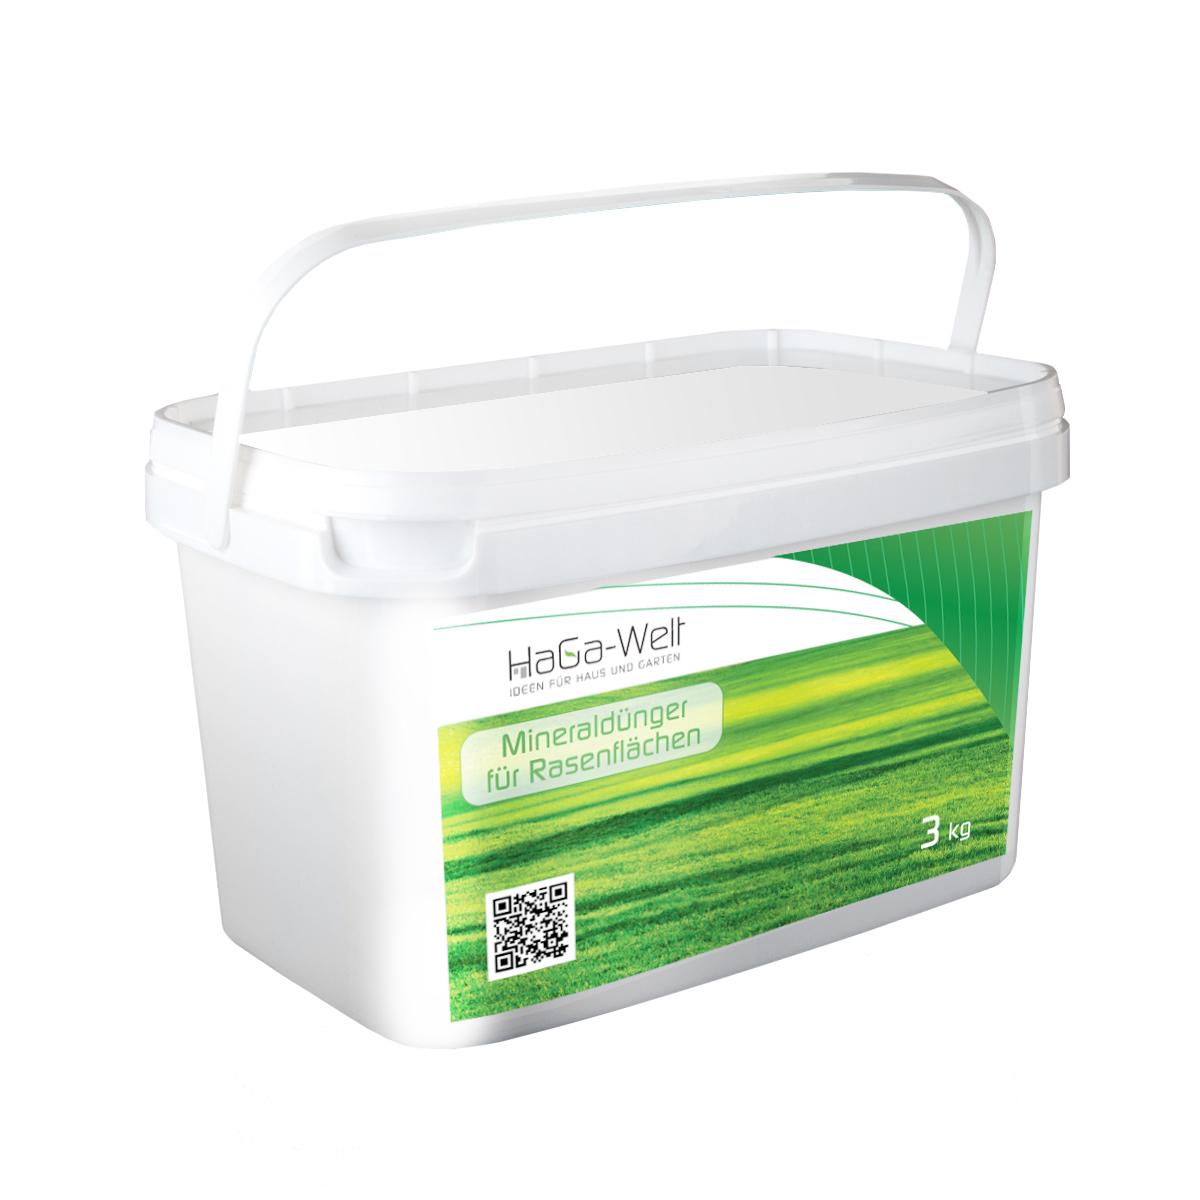 Mineraldünger für Rasenflächen Rasendünger Dünger Düngemittel 3kg